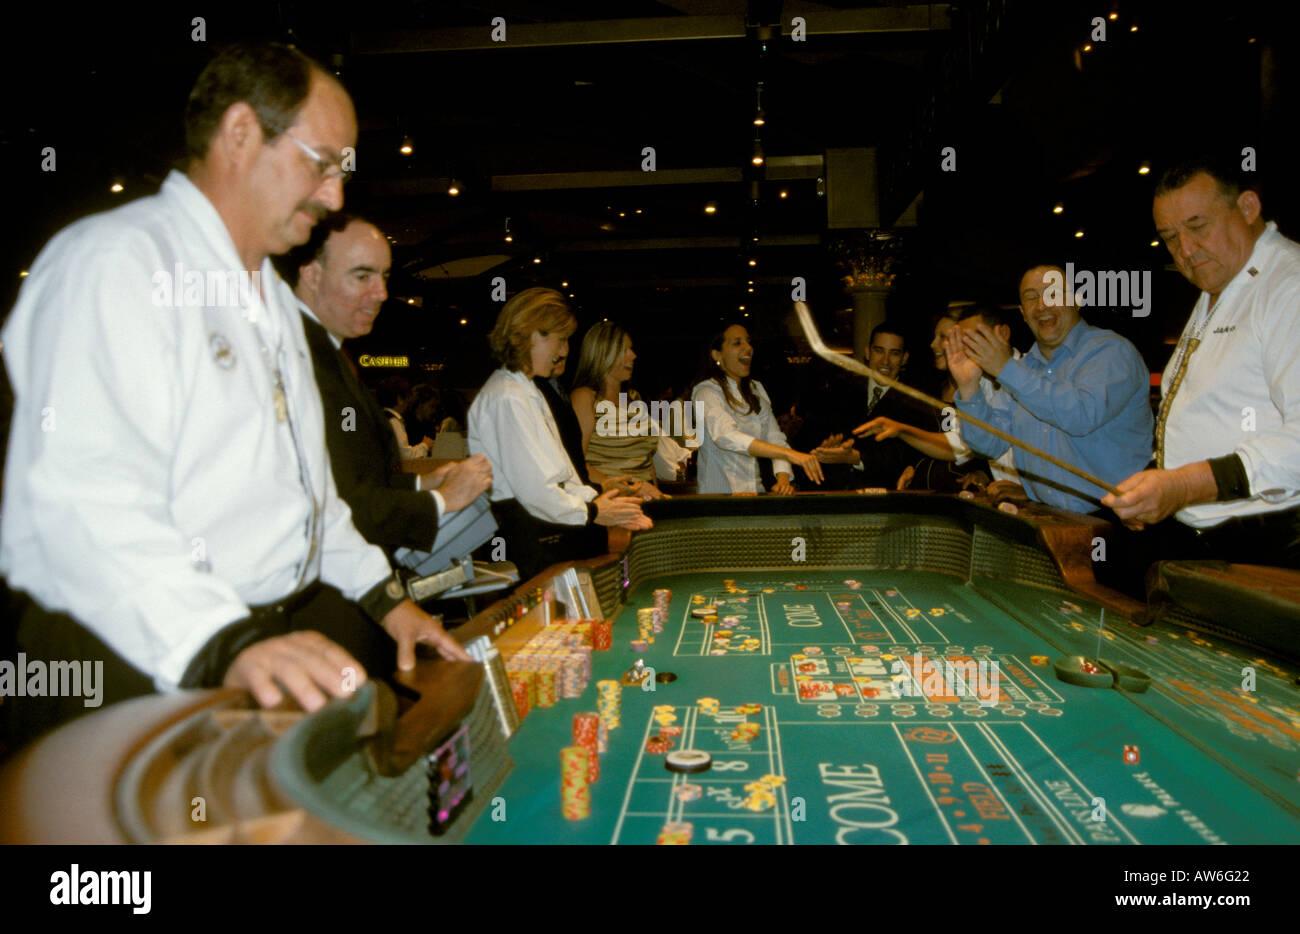 Gambling crap gambling denial